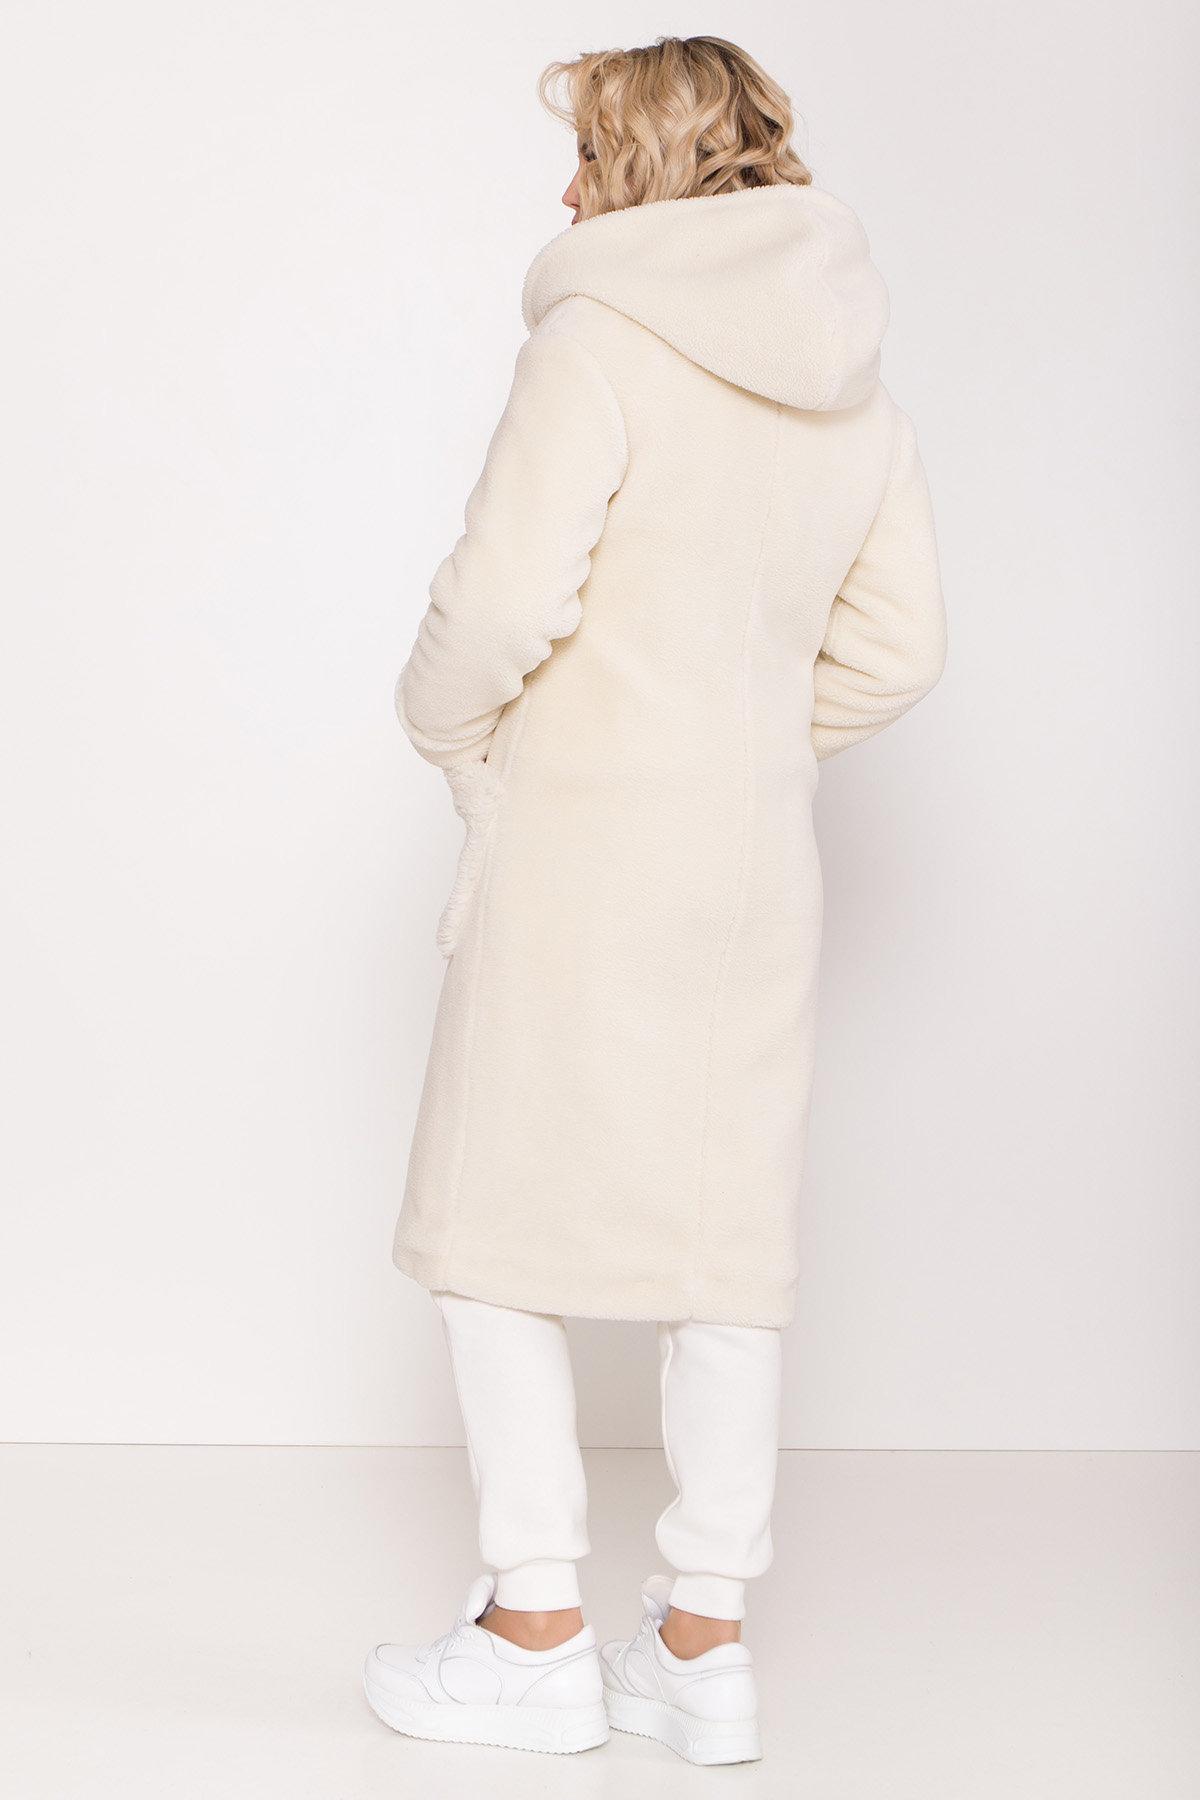 Пальто из искусственного меха Анита 8197 АРТ. 44955 Цвет: Молоко - фото 8, интернет магазин tm-modus.ru